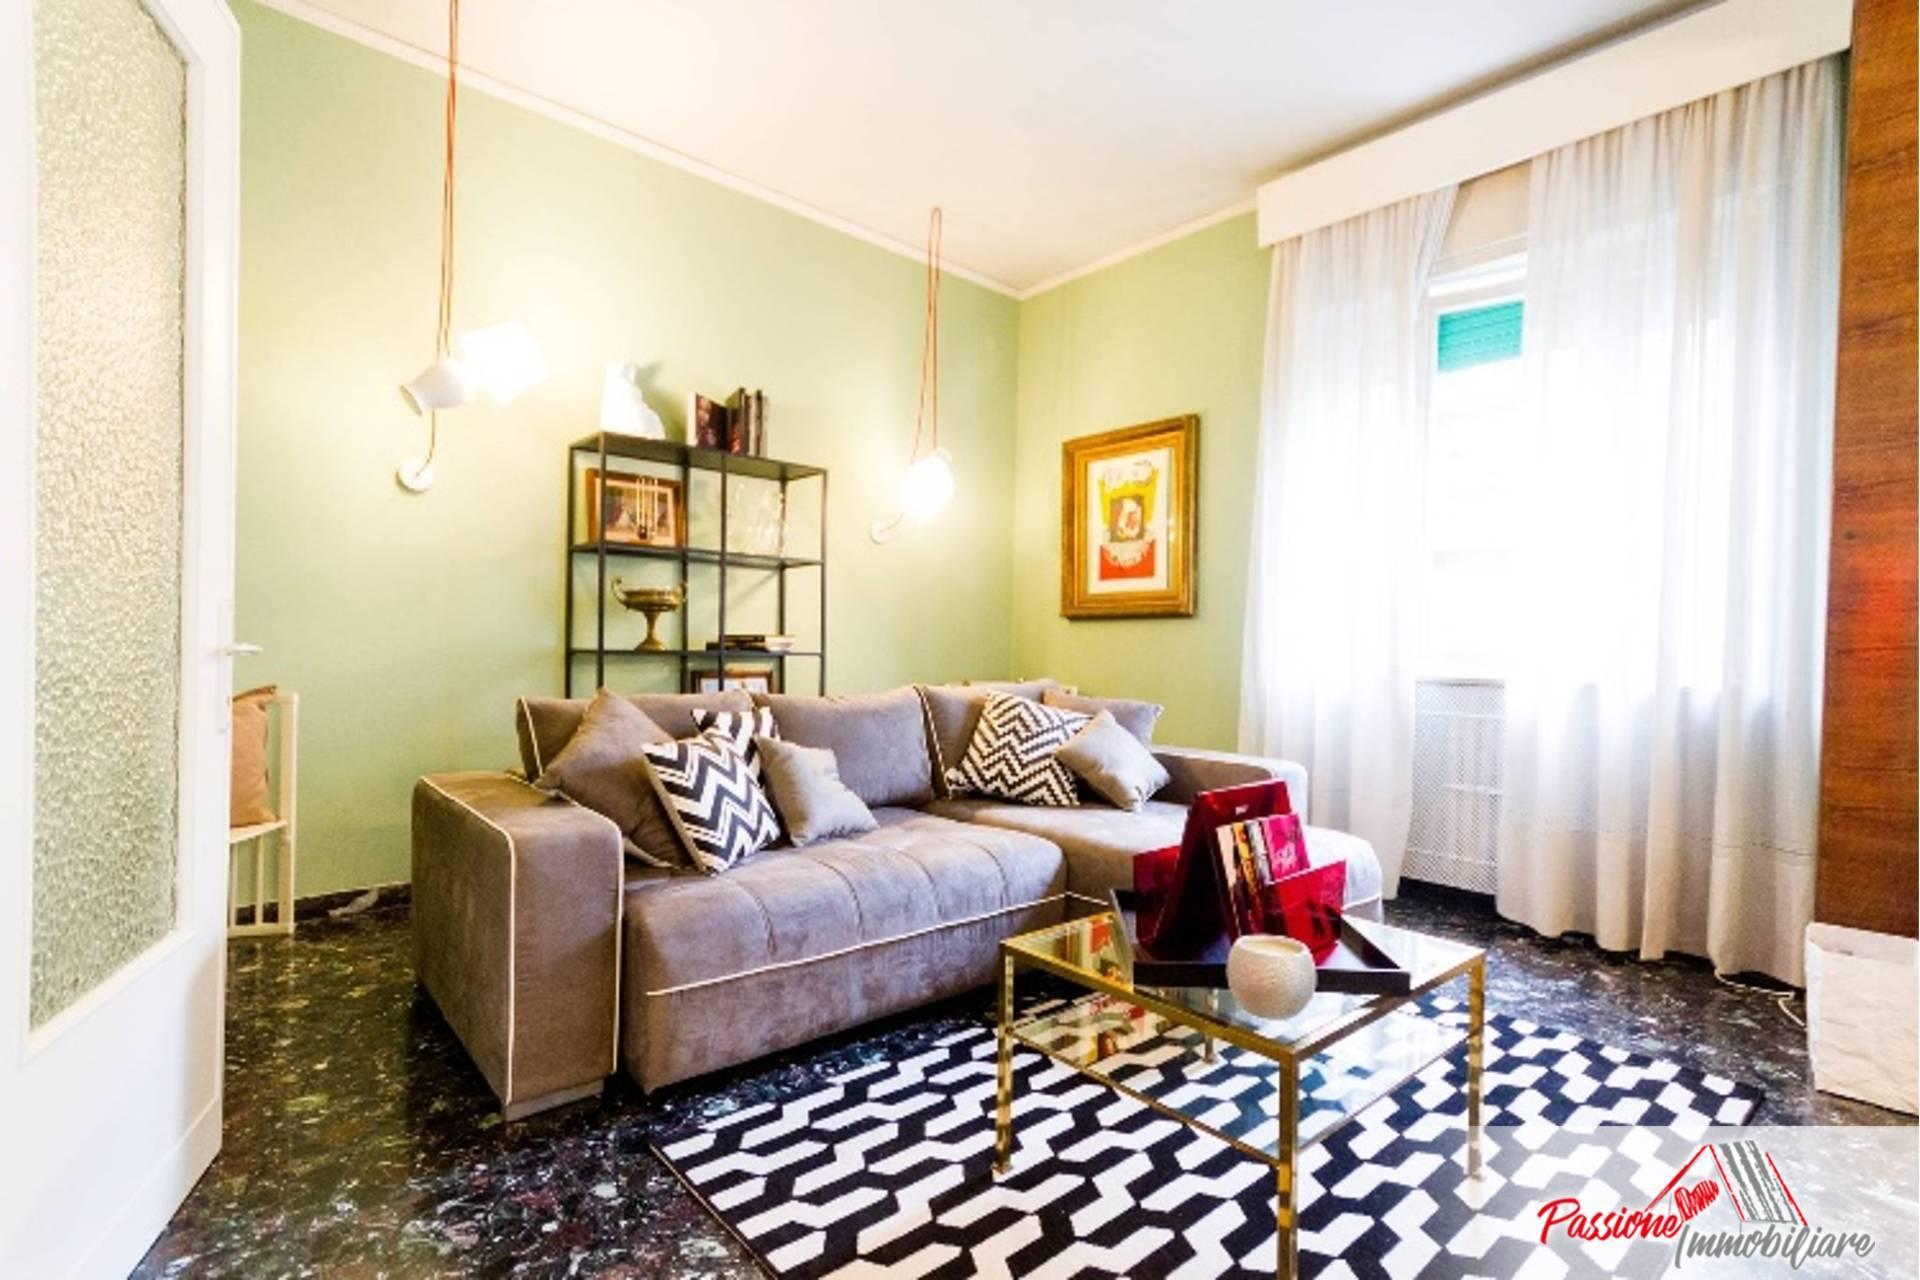 Appartamento in affitto a Verona, 5 locali, zona Località: BorgoTrento, prezzo € 820 | CambioCasa.it